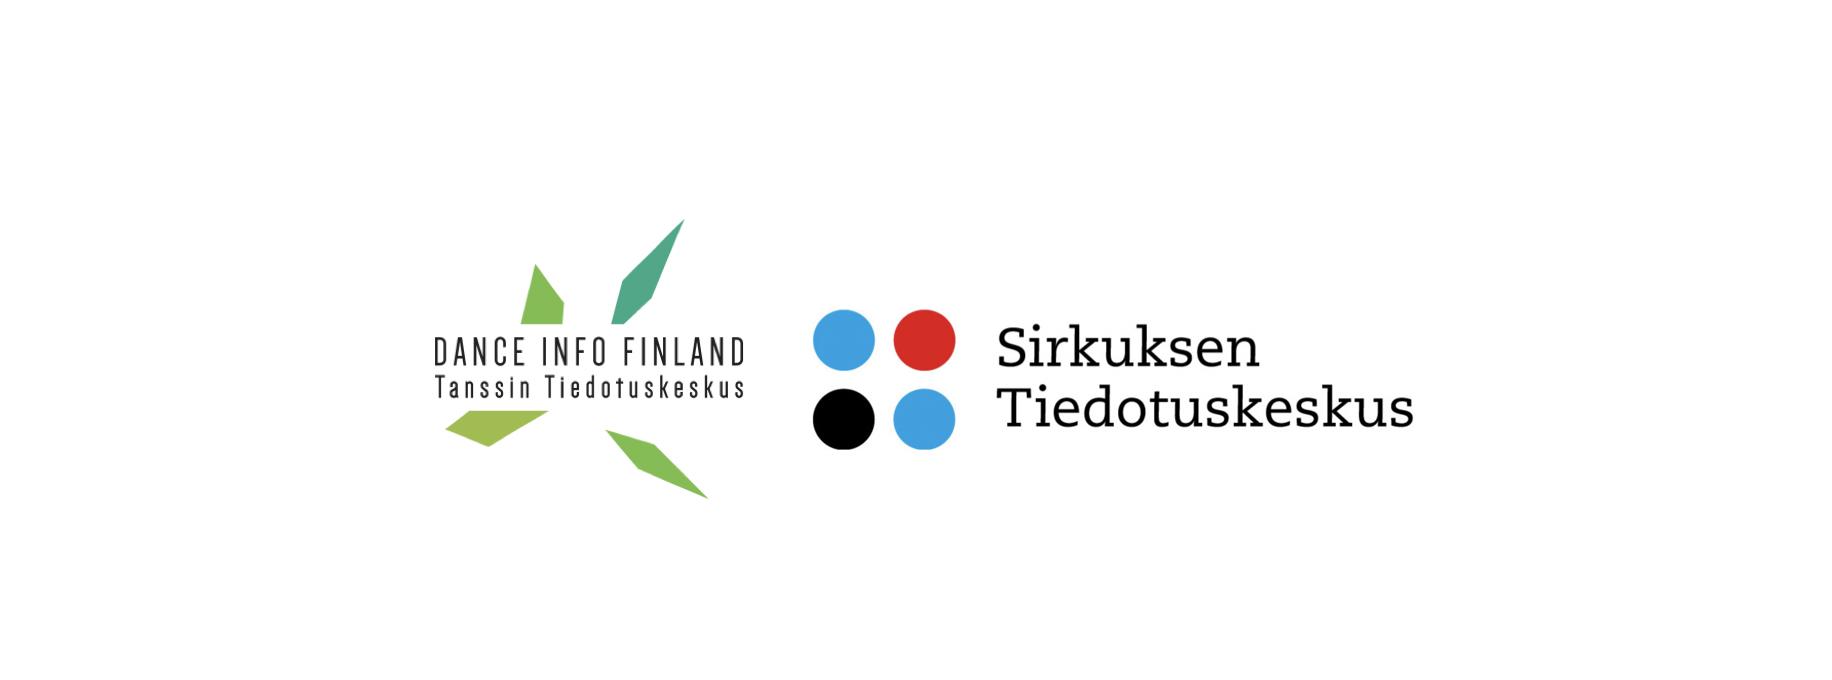 Tanssin ja Sirkuksen Tiedotukeskukset.png